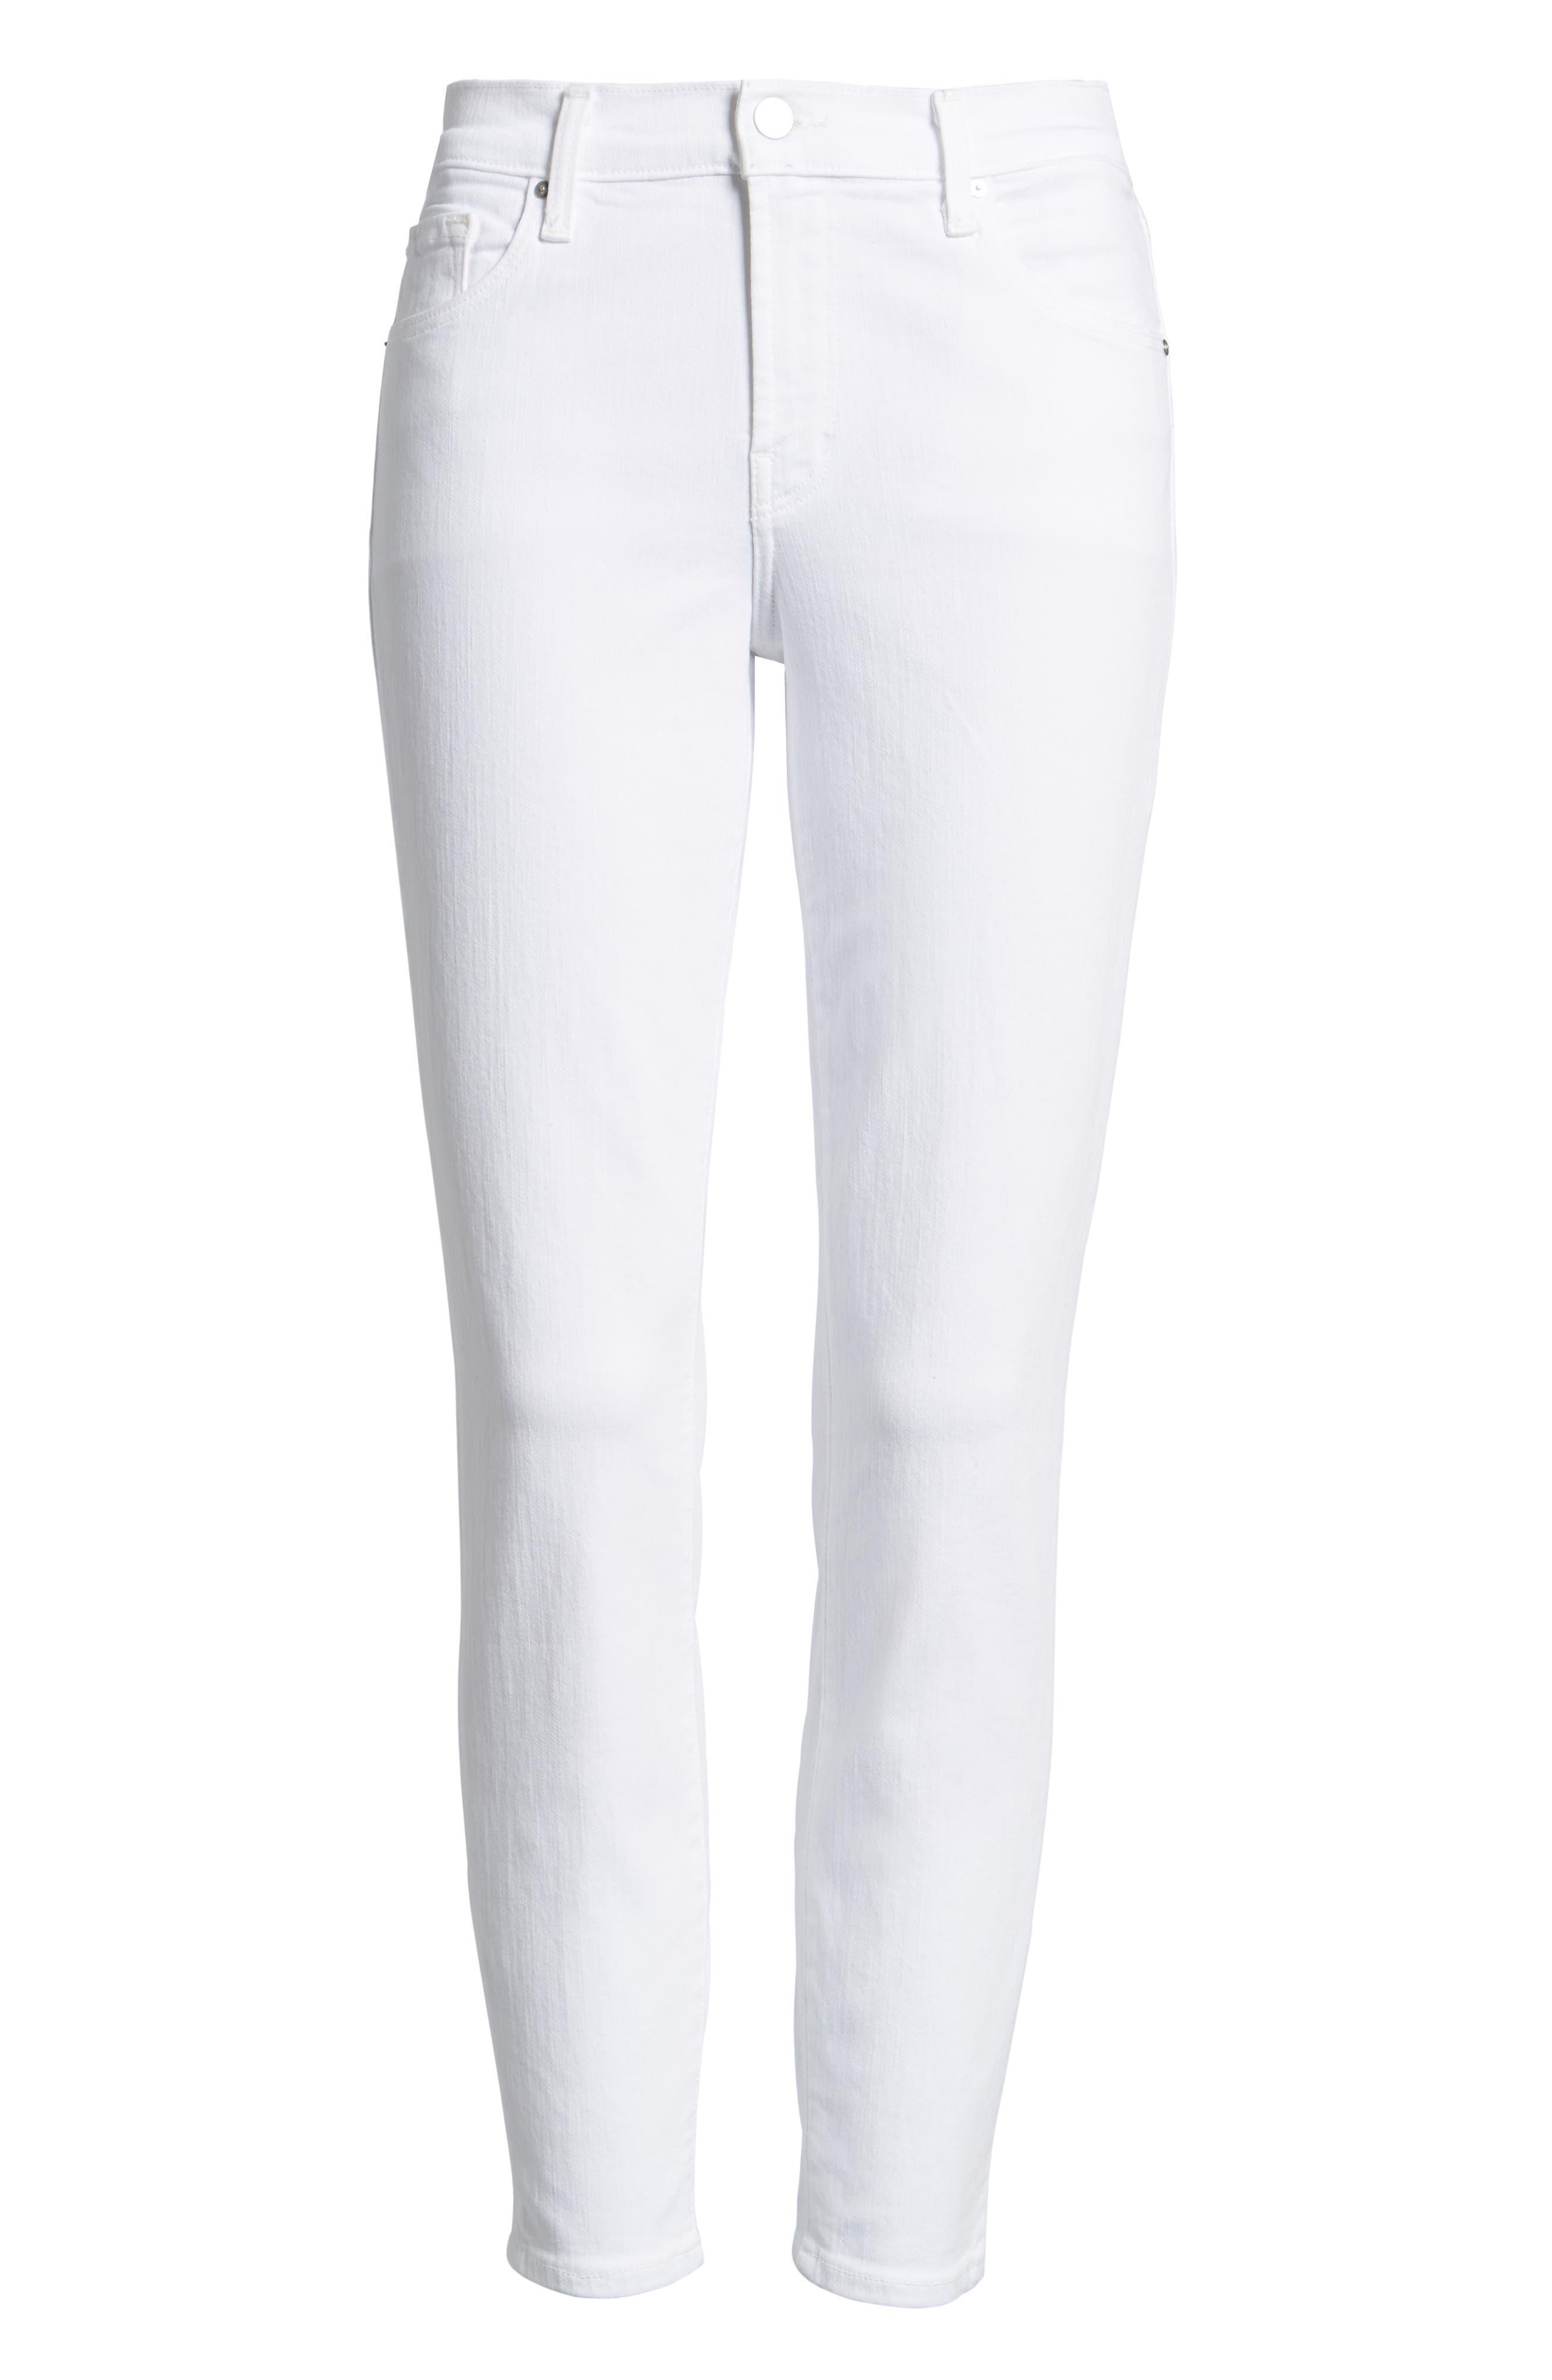 Mid-Rise Capri Skinny Jeans,                             Alternate thumbnail 7, color,                             White